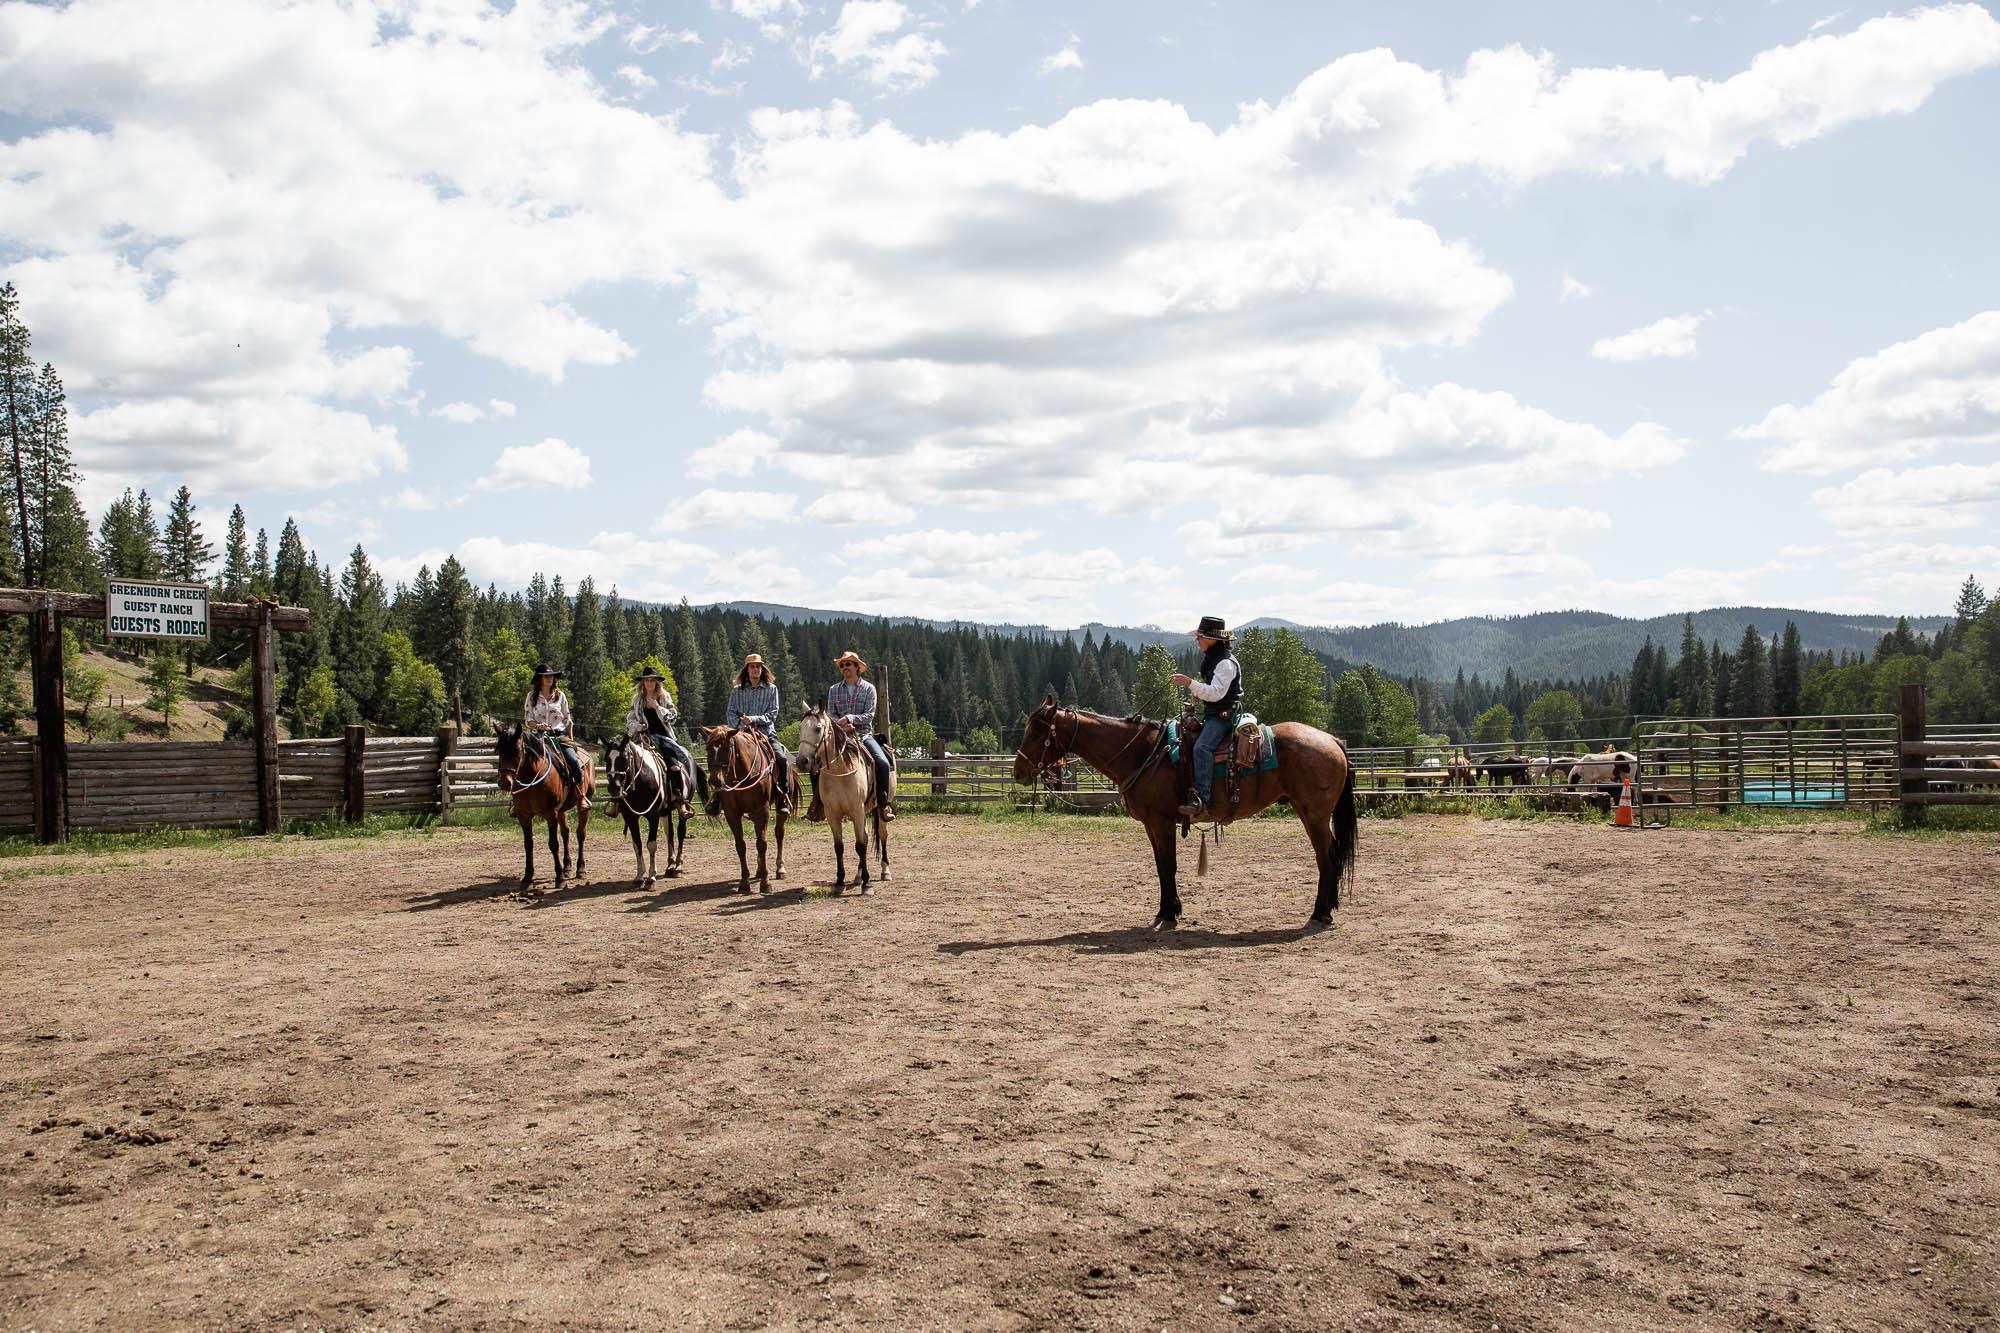 Family horseback riding at Greenhorn Ranch